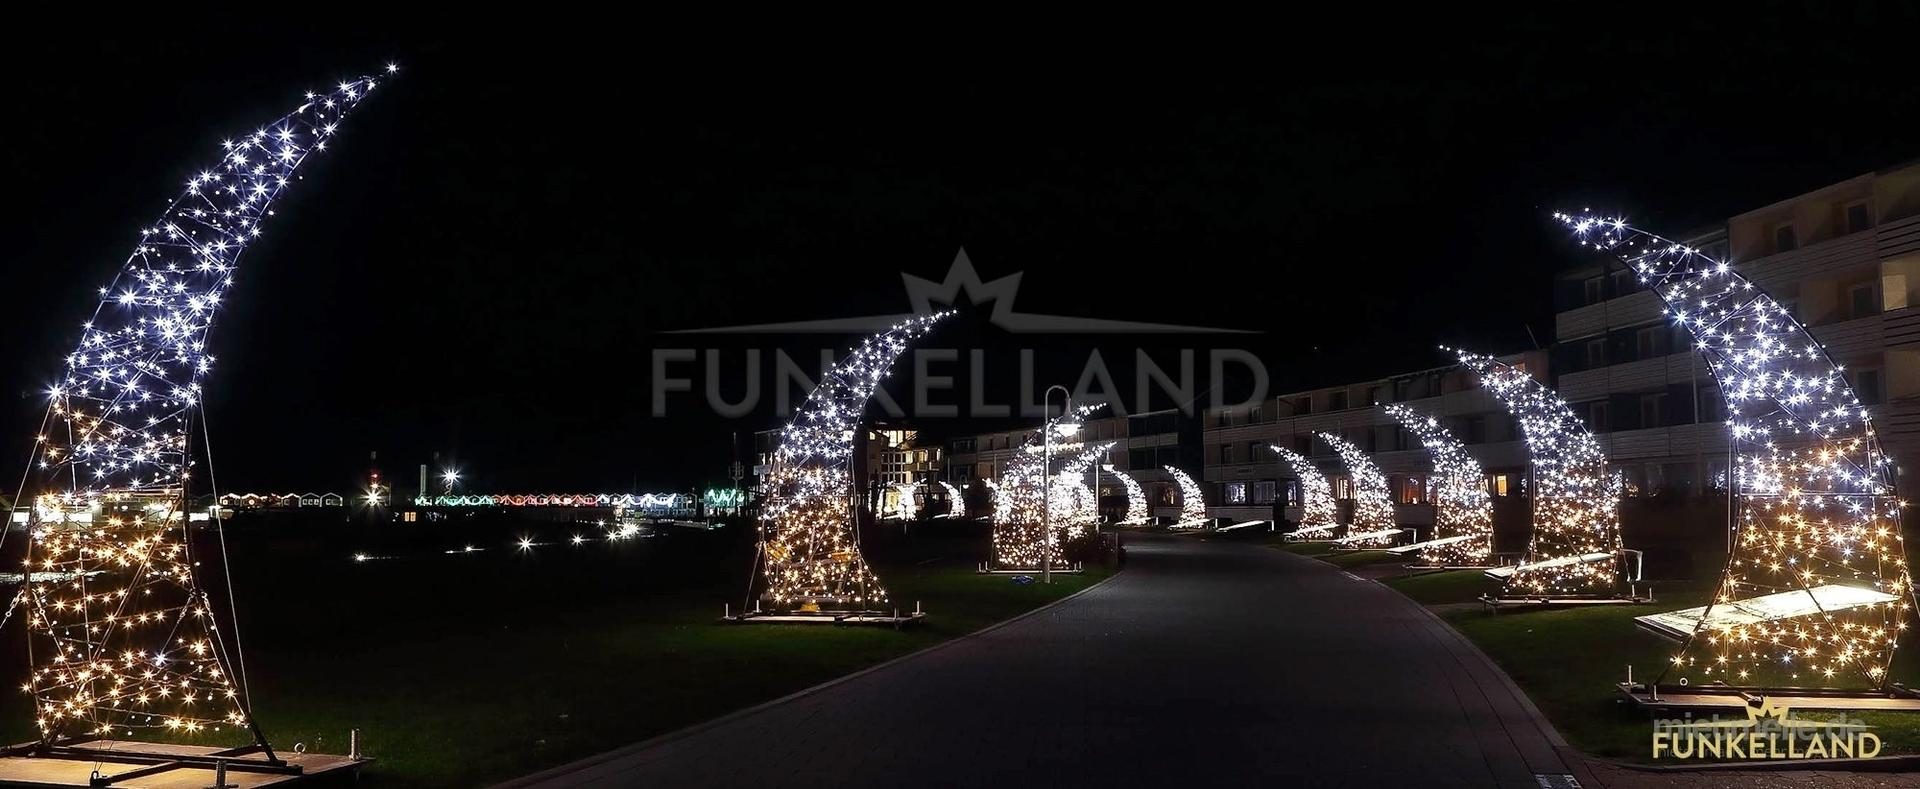 Saisonale Dekoration mieten & vermieten - FUNKELLAND - Illuminationslandschaften & Kunstinszenierungen in Lichtenstein/Sachsen